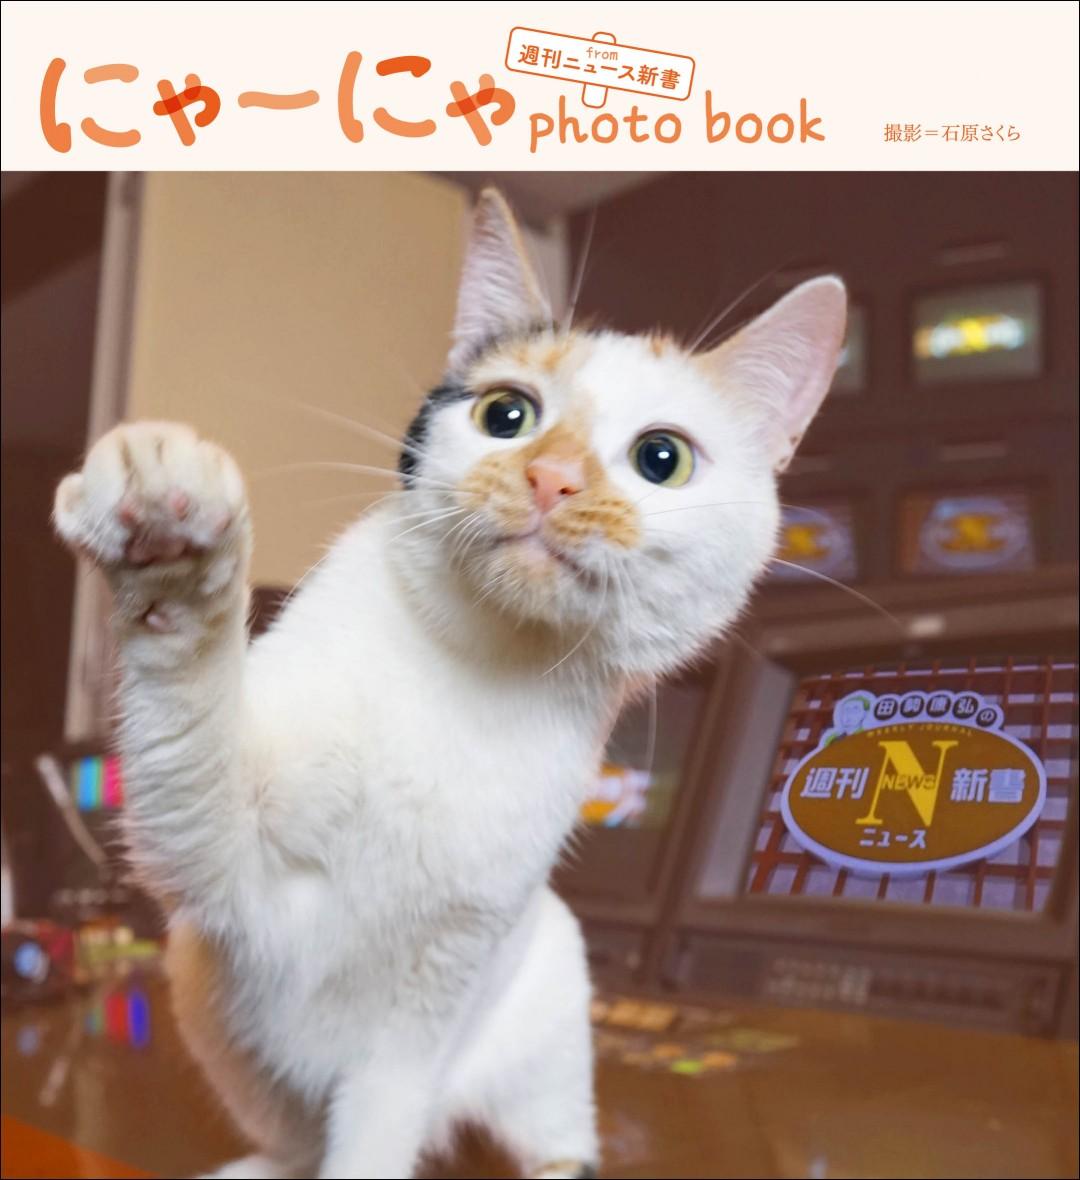 にゃーにゃ photo book form 週刊ニュース新書